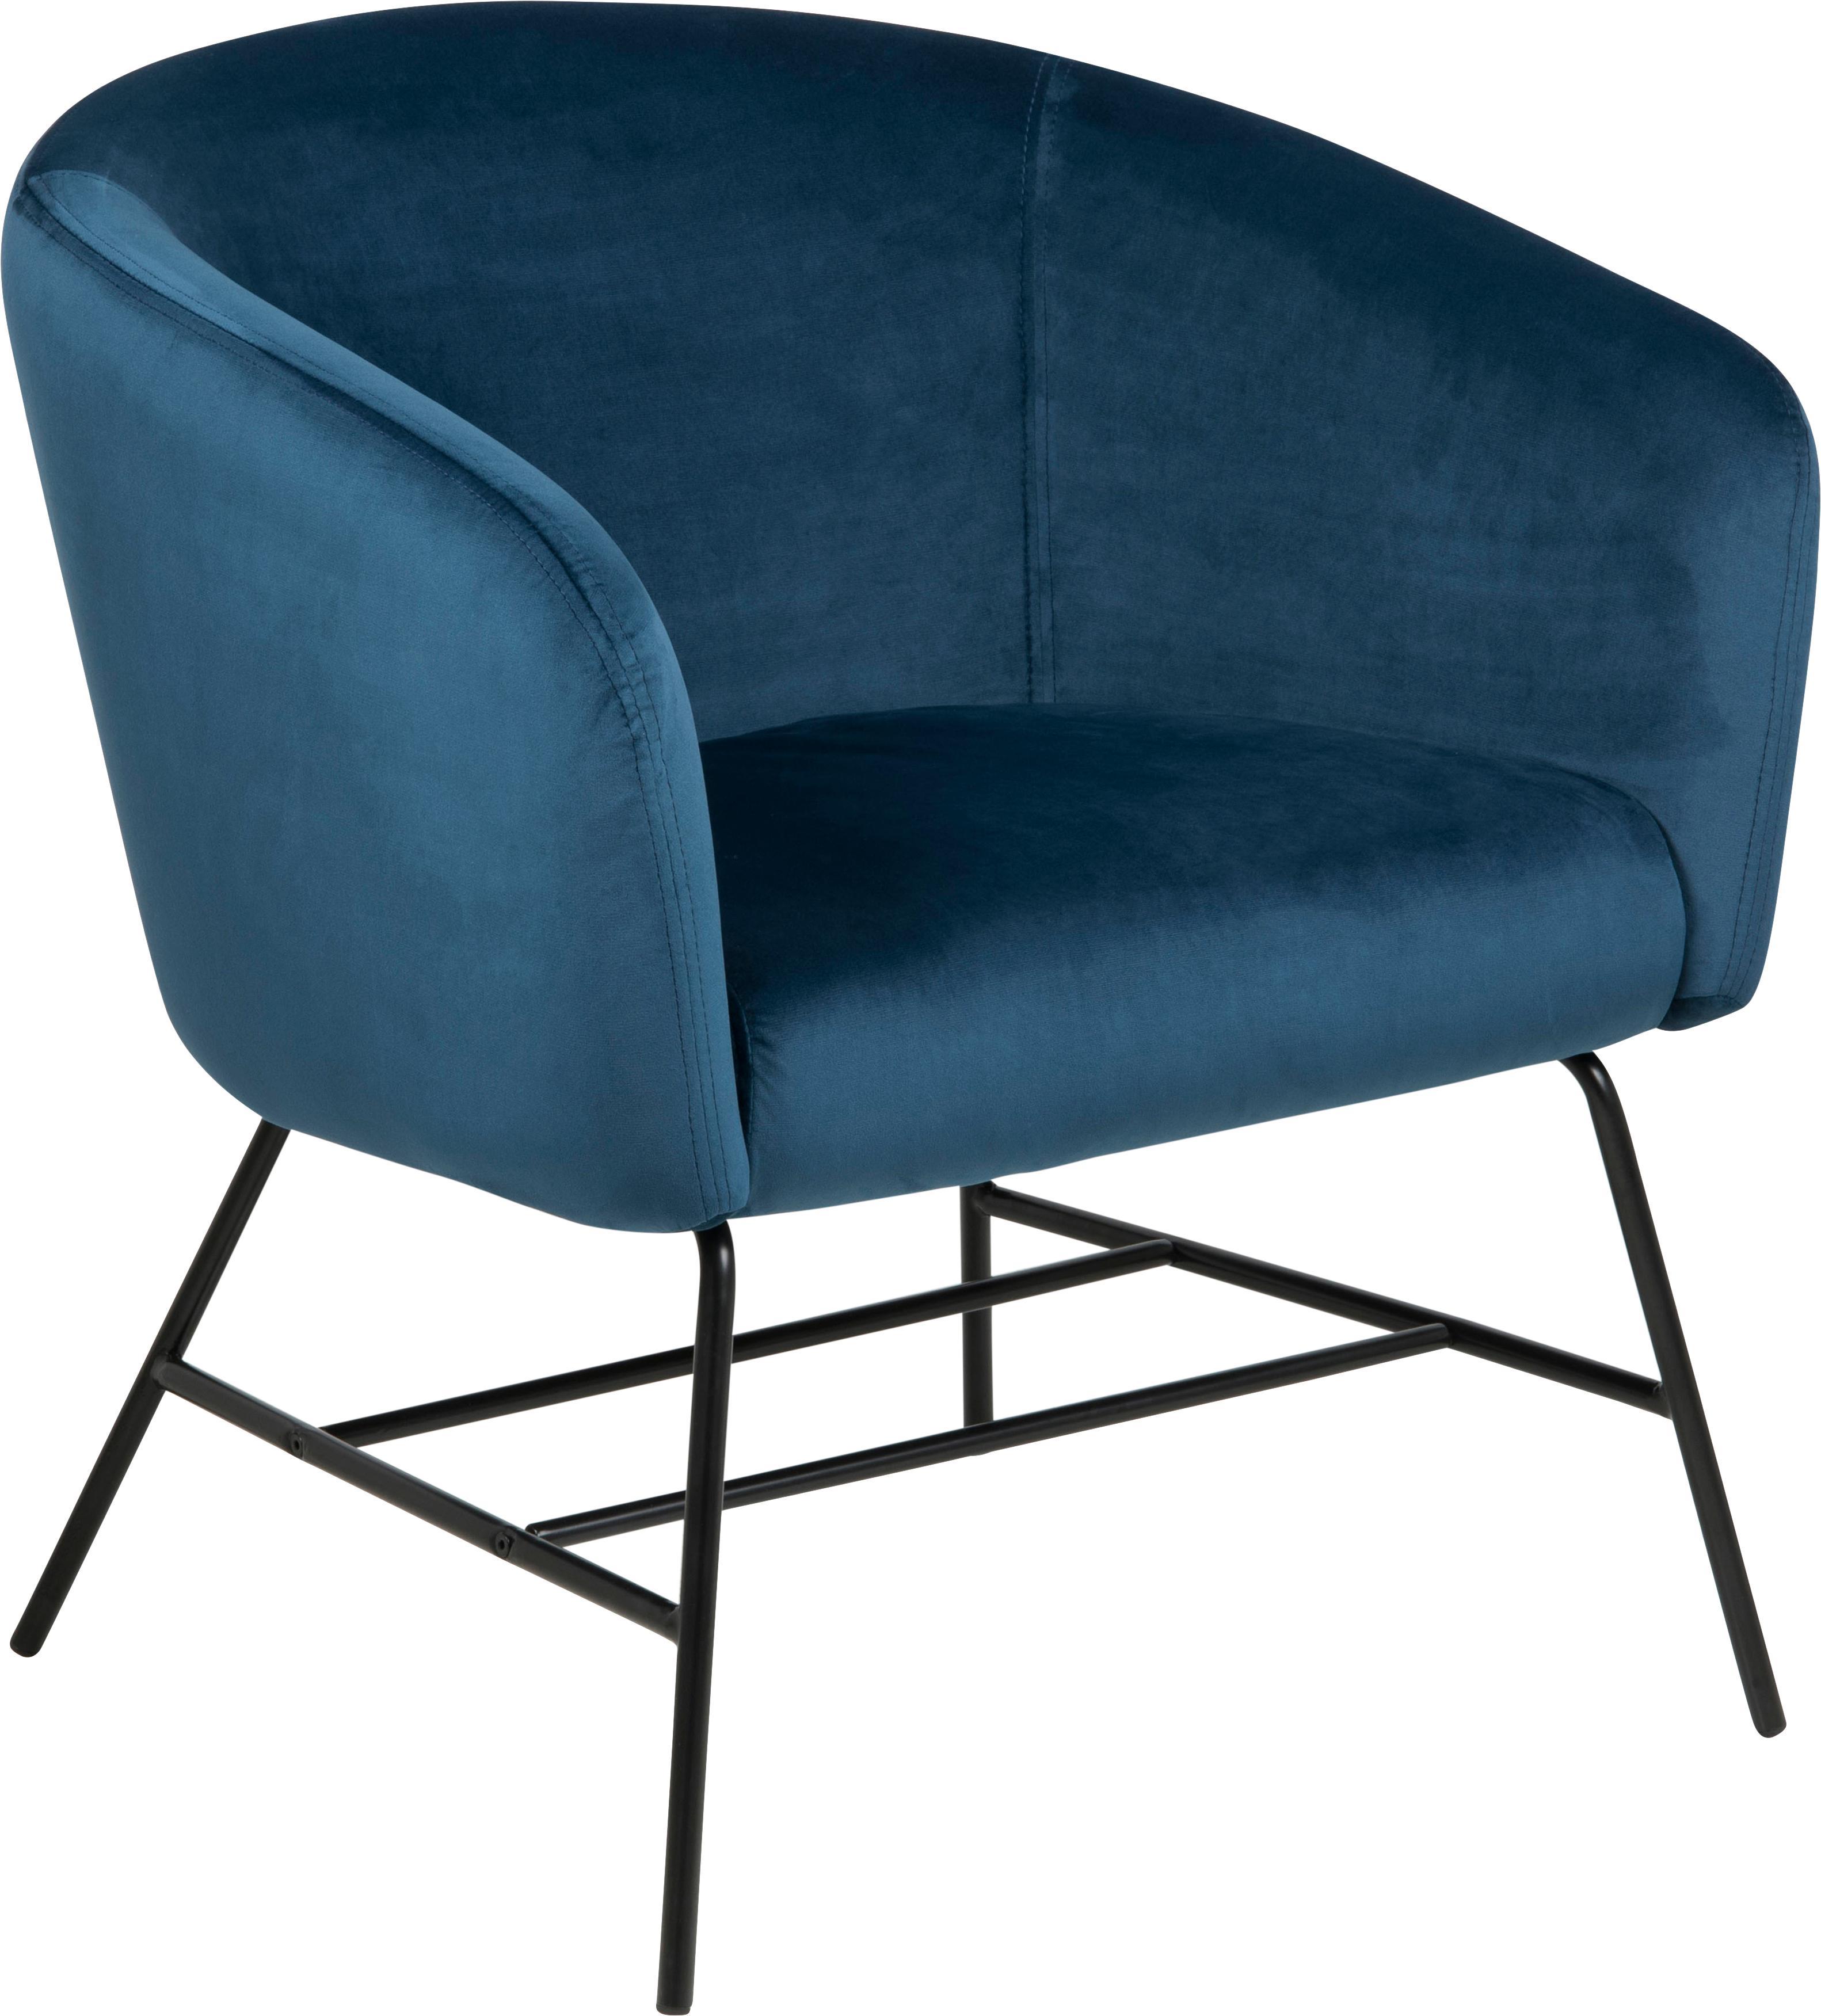 Fotel koktajlowy z aksamitu Ramsey, Tapicerka: aksamit poliestrowy 2500, Nogi: metal, lakierowany, Aksamitny marynarski granat, S 72 x G 67 cm